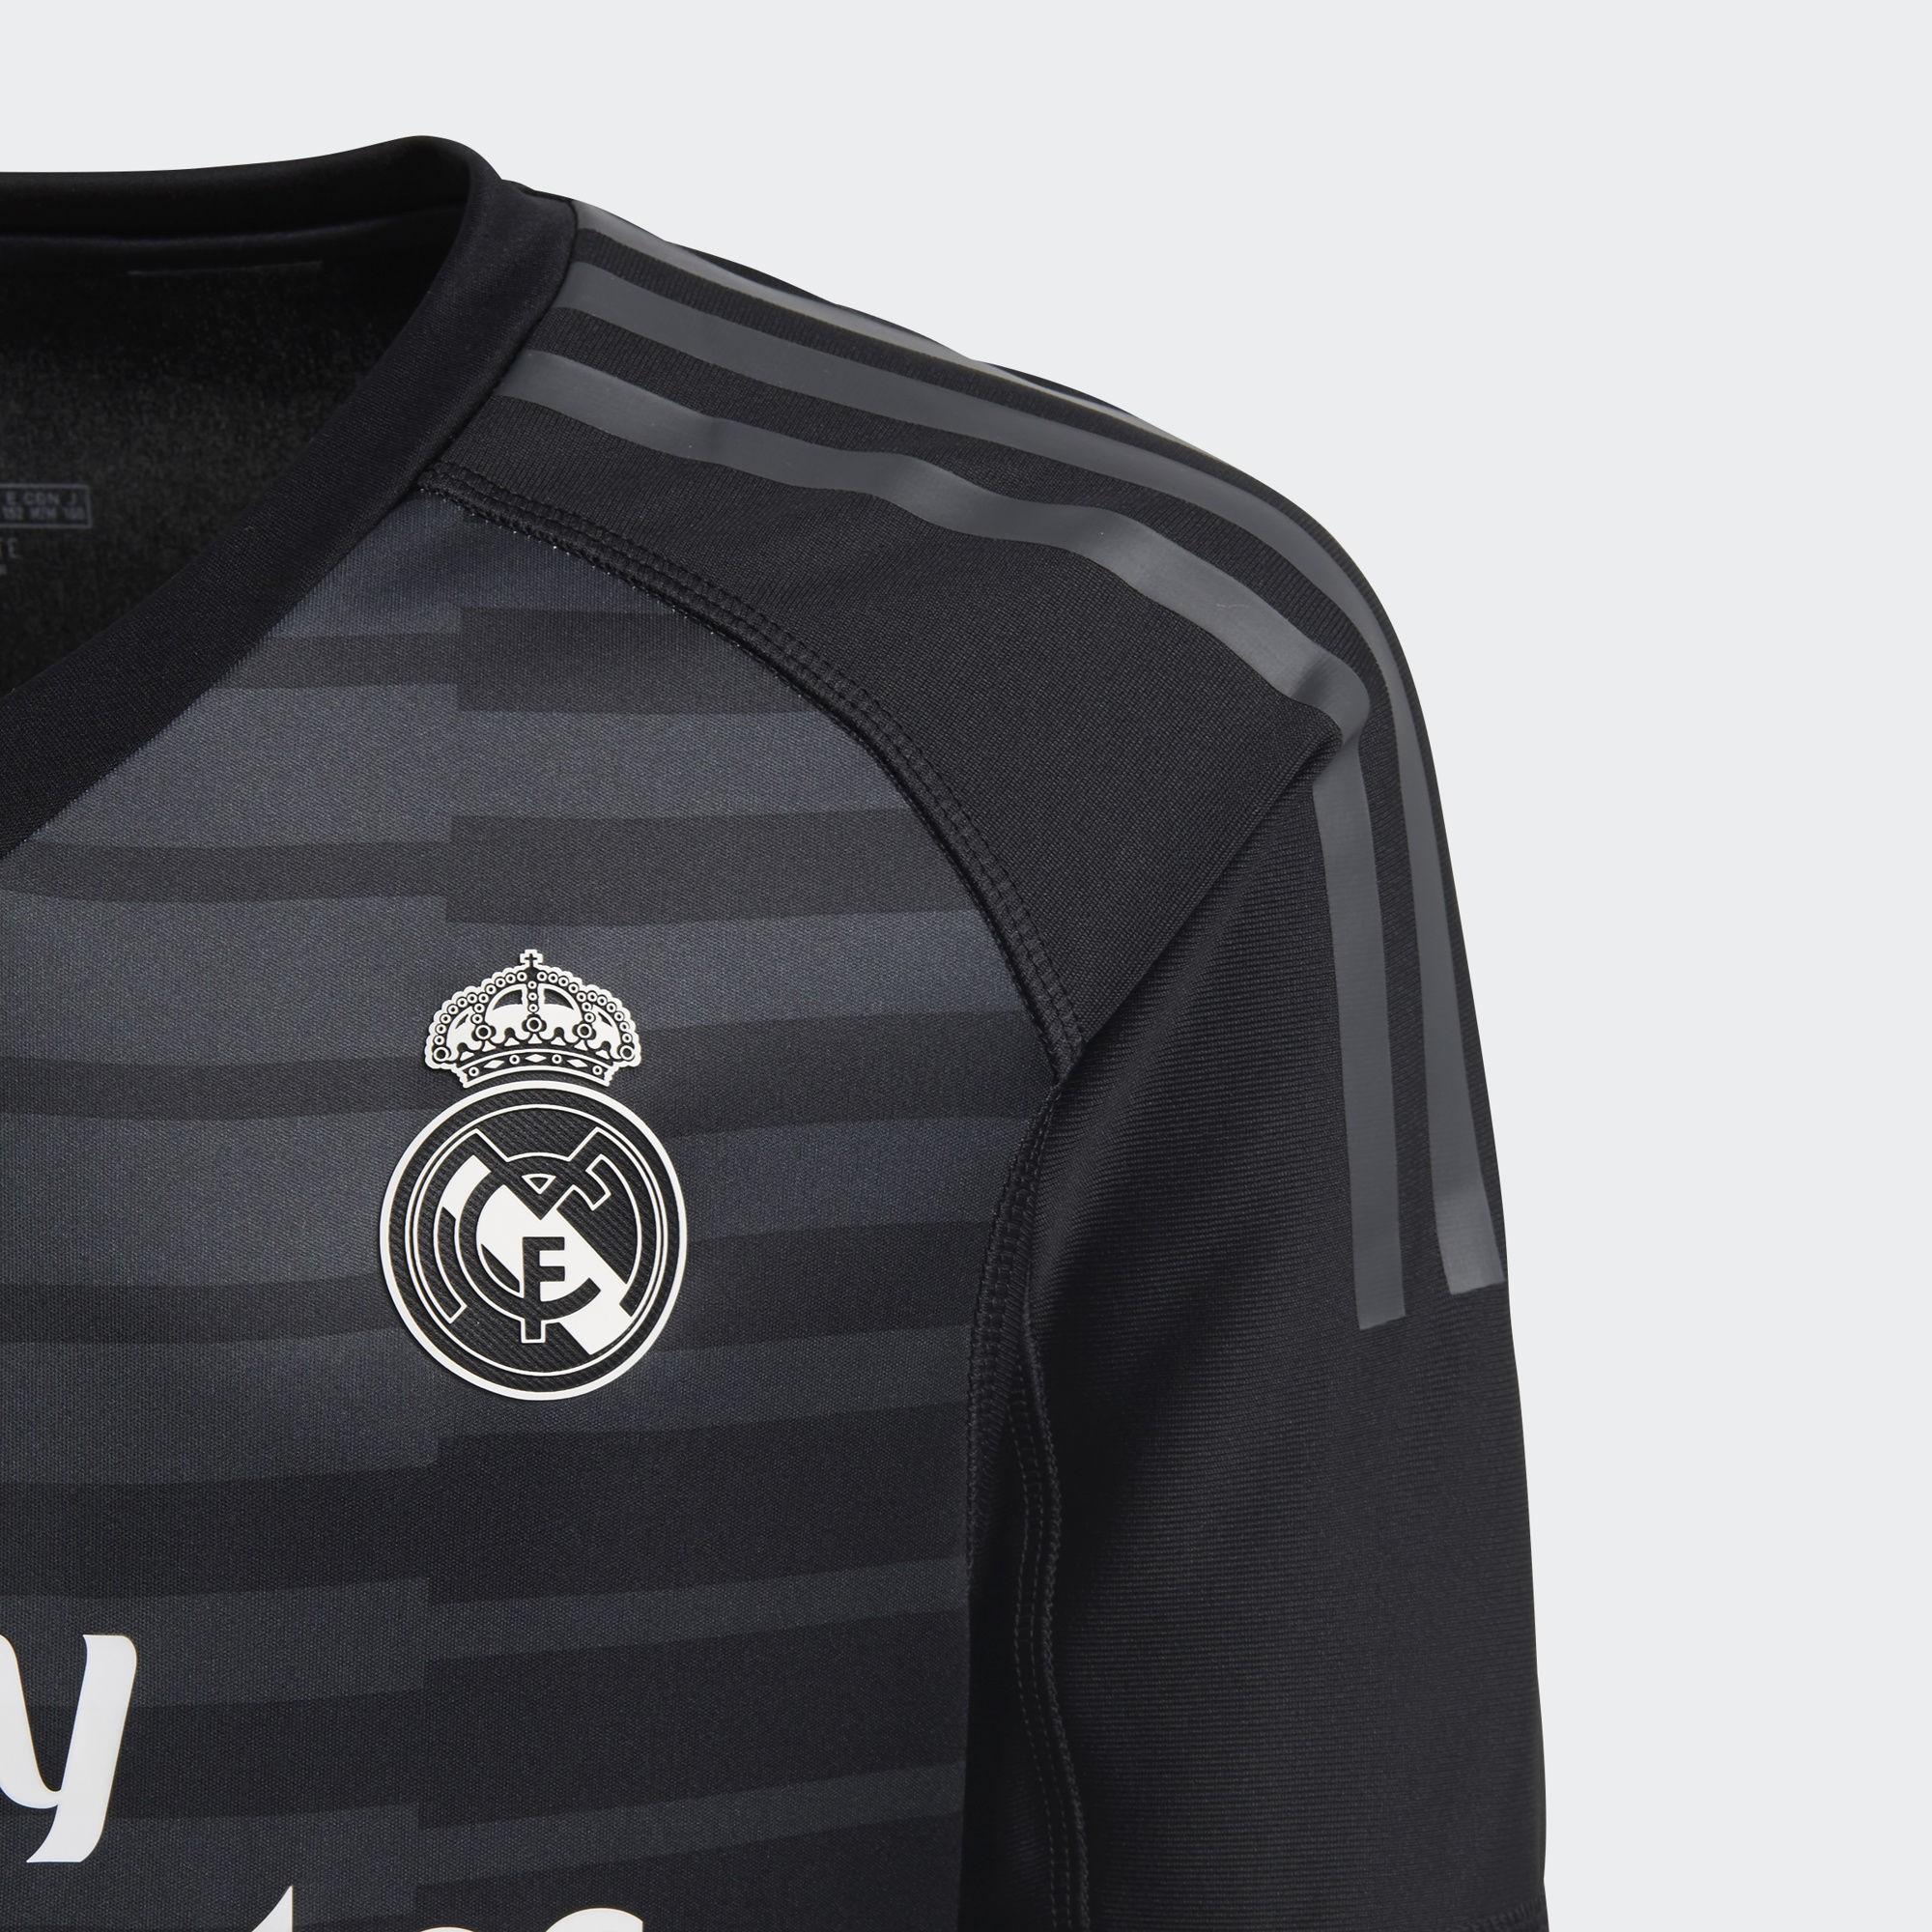 Camiseta Fútbol Adidas Real Madrid 2018 9 Portero Negra Niño - Deportes Moya a79bf74102498